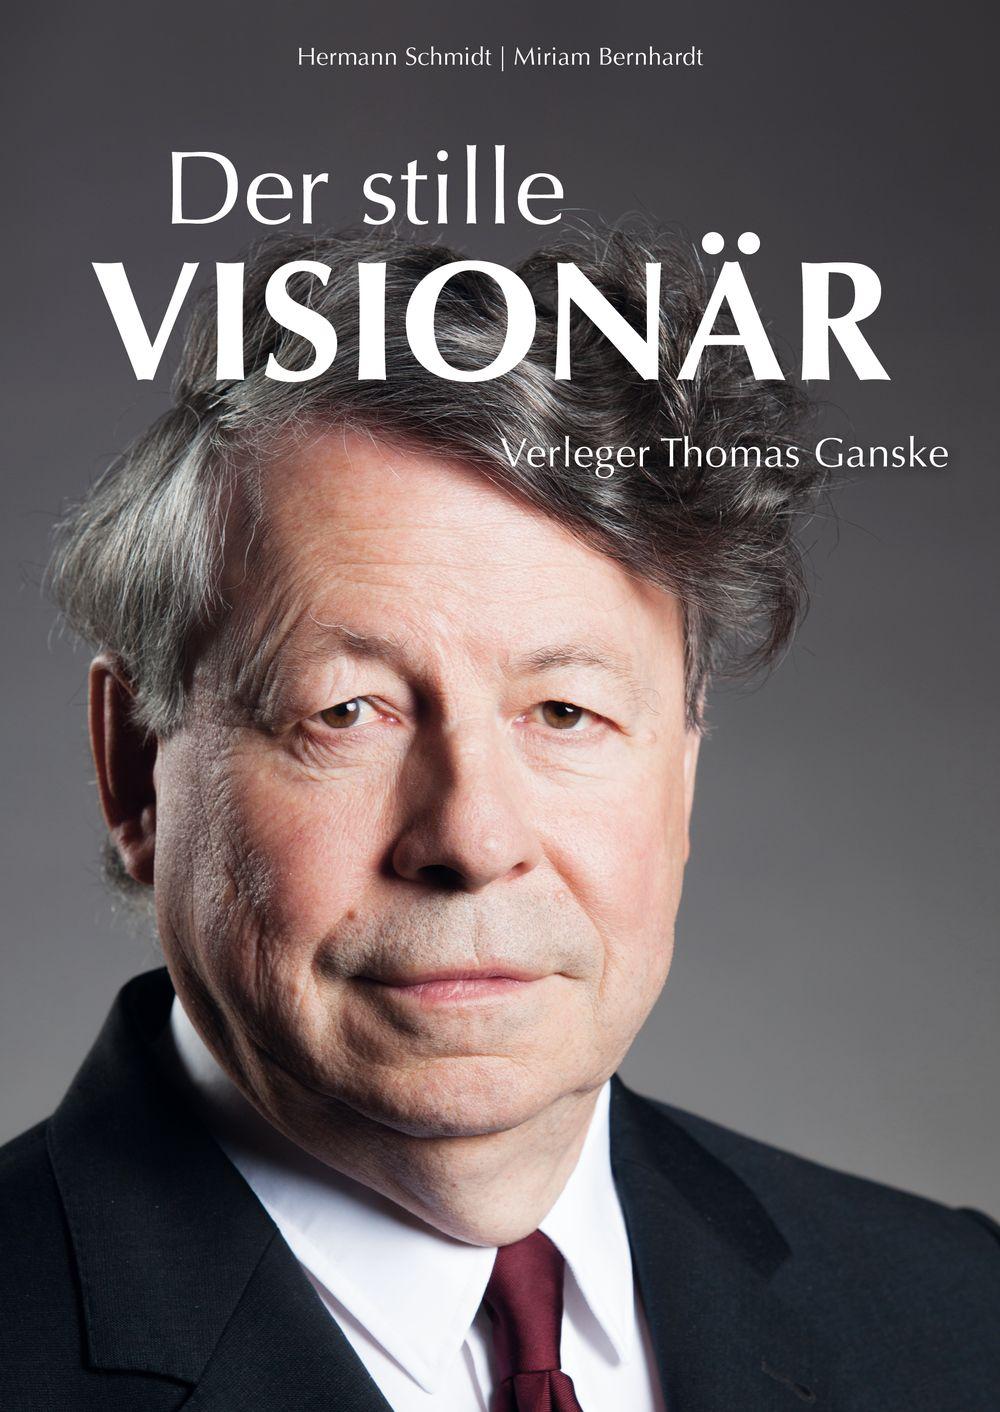 Der stille Visionär - Verleger Thomas Ganske